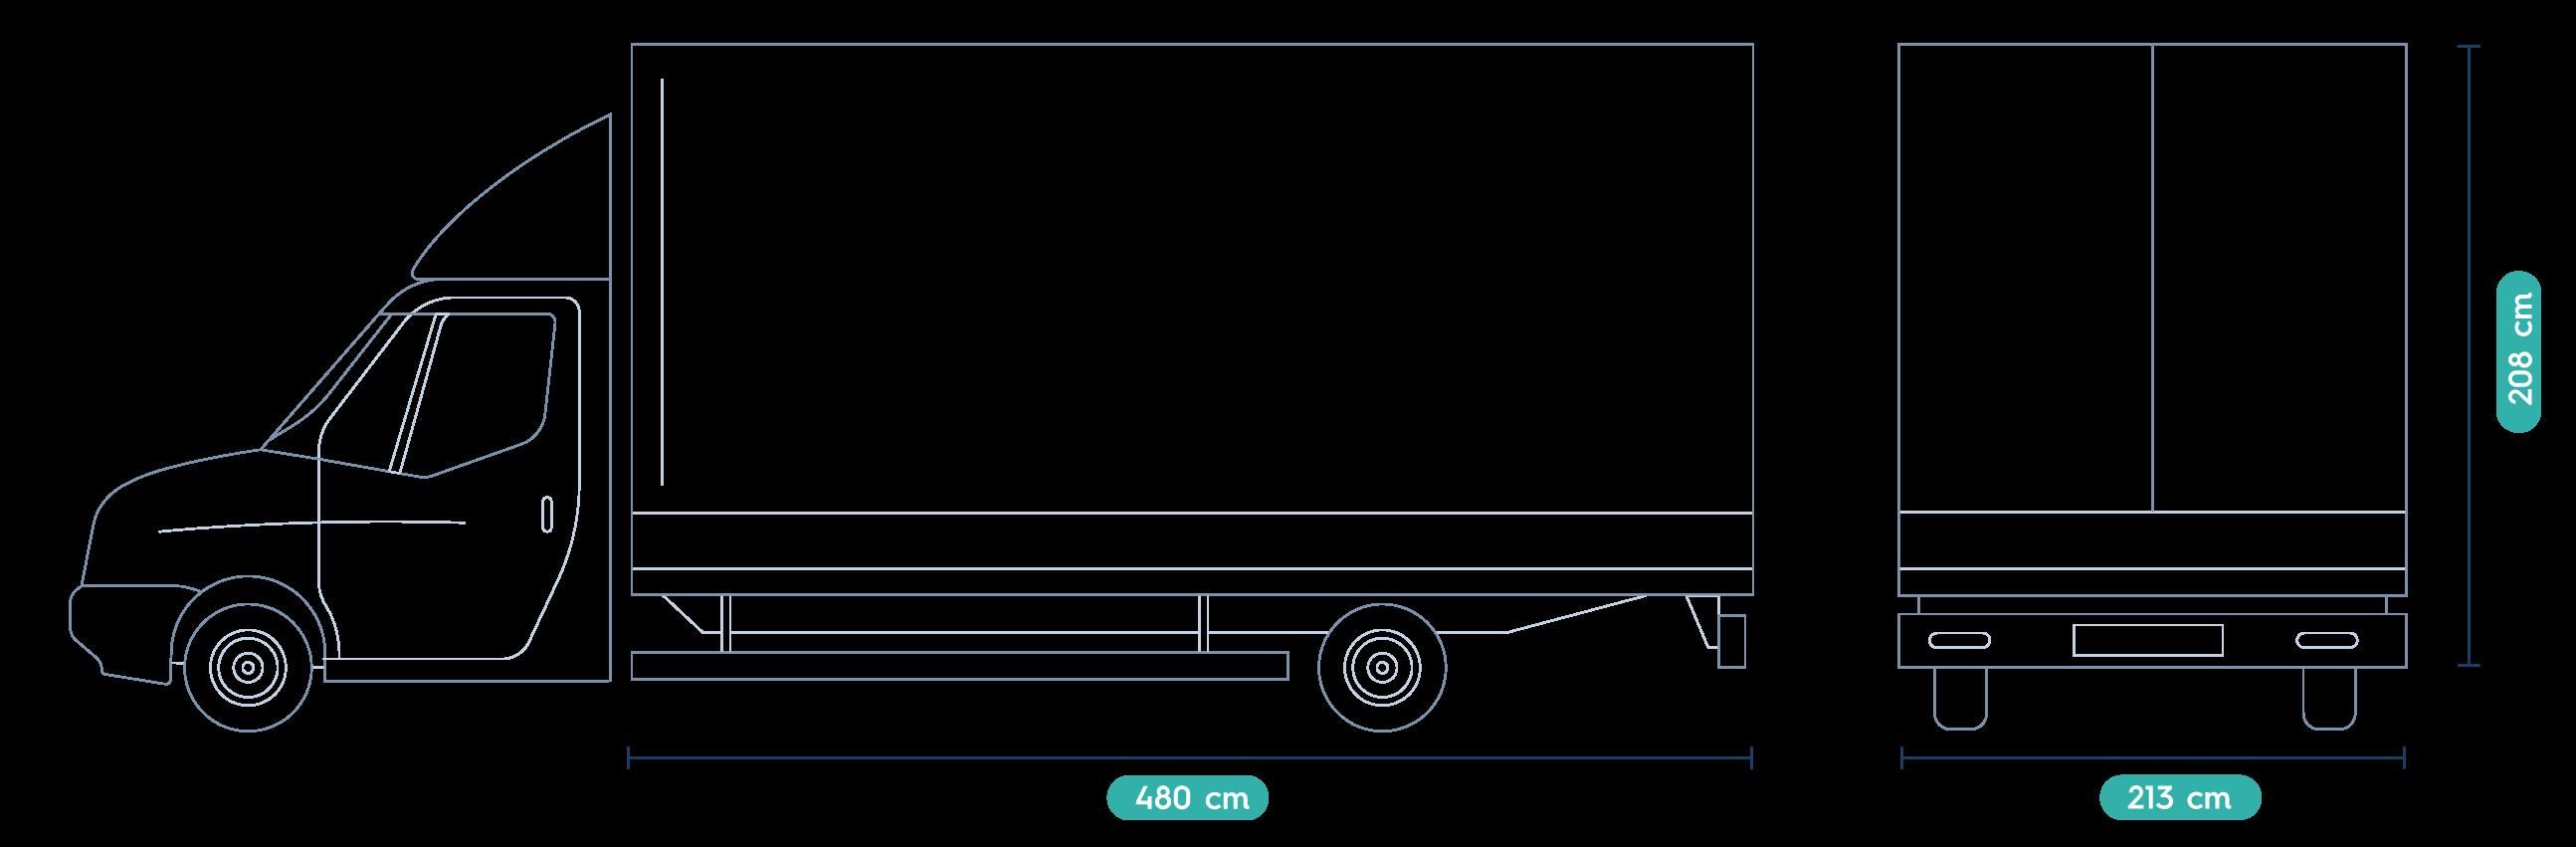 jbg-trans-truck_01 másolat 3@2x